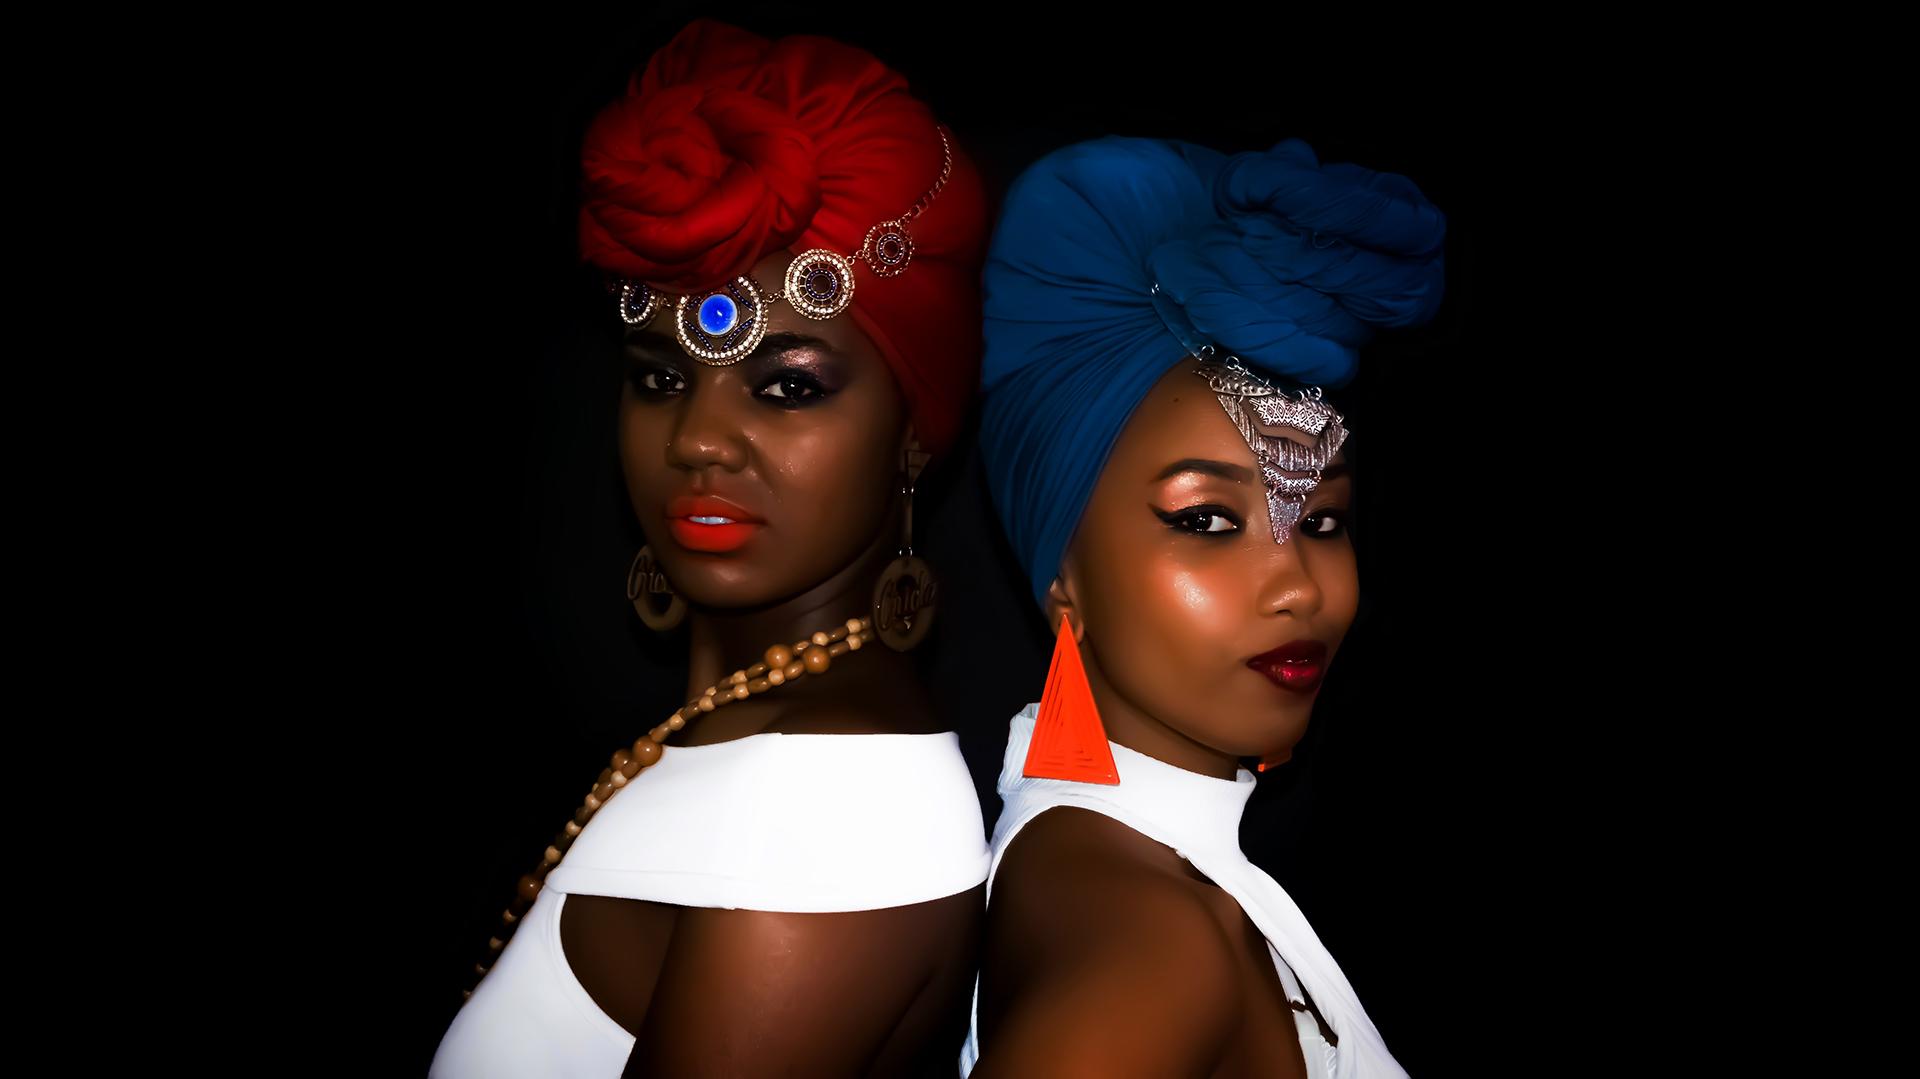 foto @marcioblackfoto modelo @emanuelebabi modelo @tatiteodoro